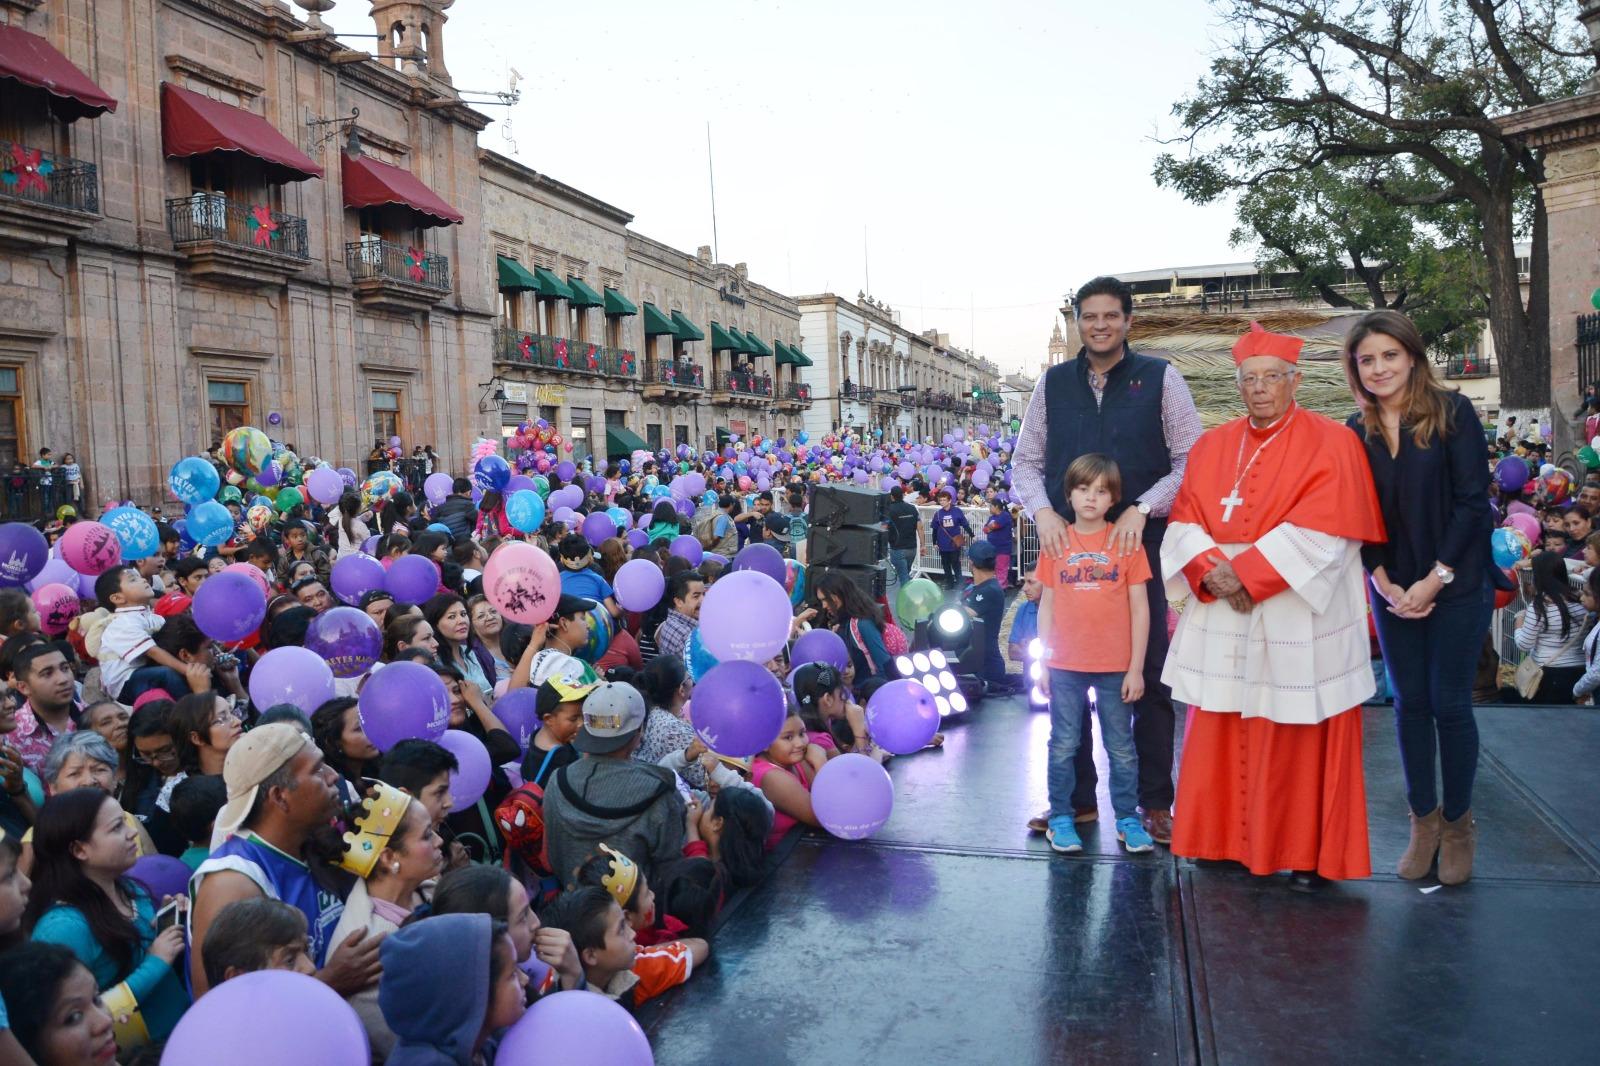 Un rotundo éxito, Cabalgata de Reyes Magos 2017 y Rosca Monumental en Morelia